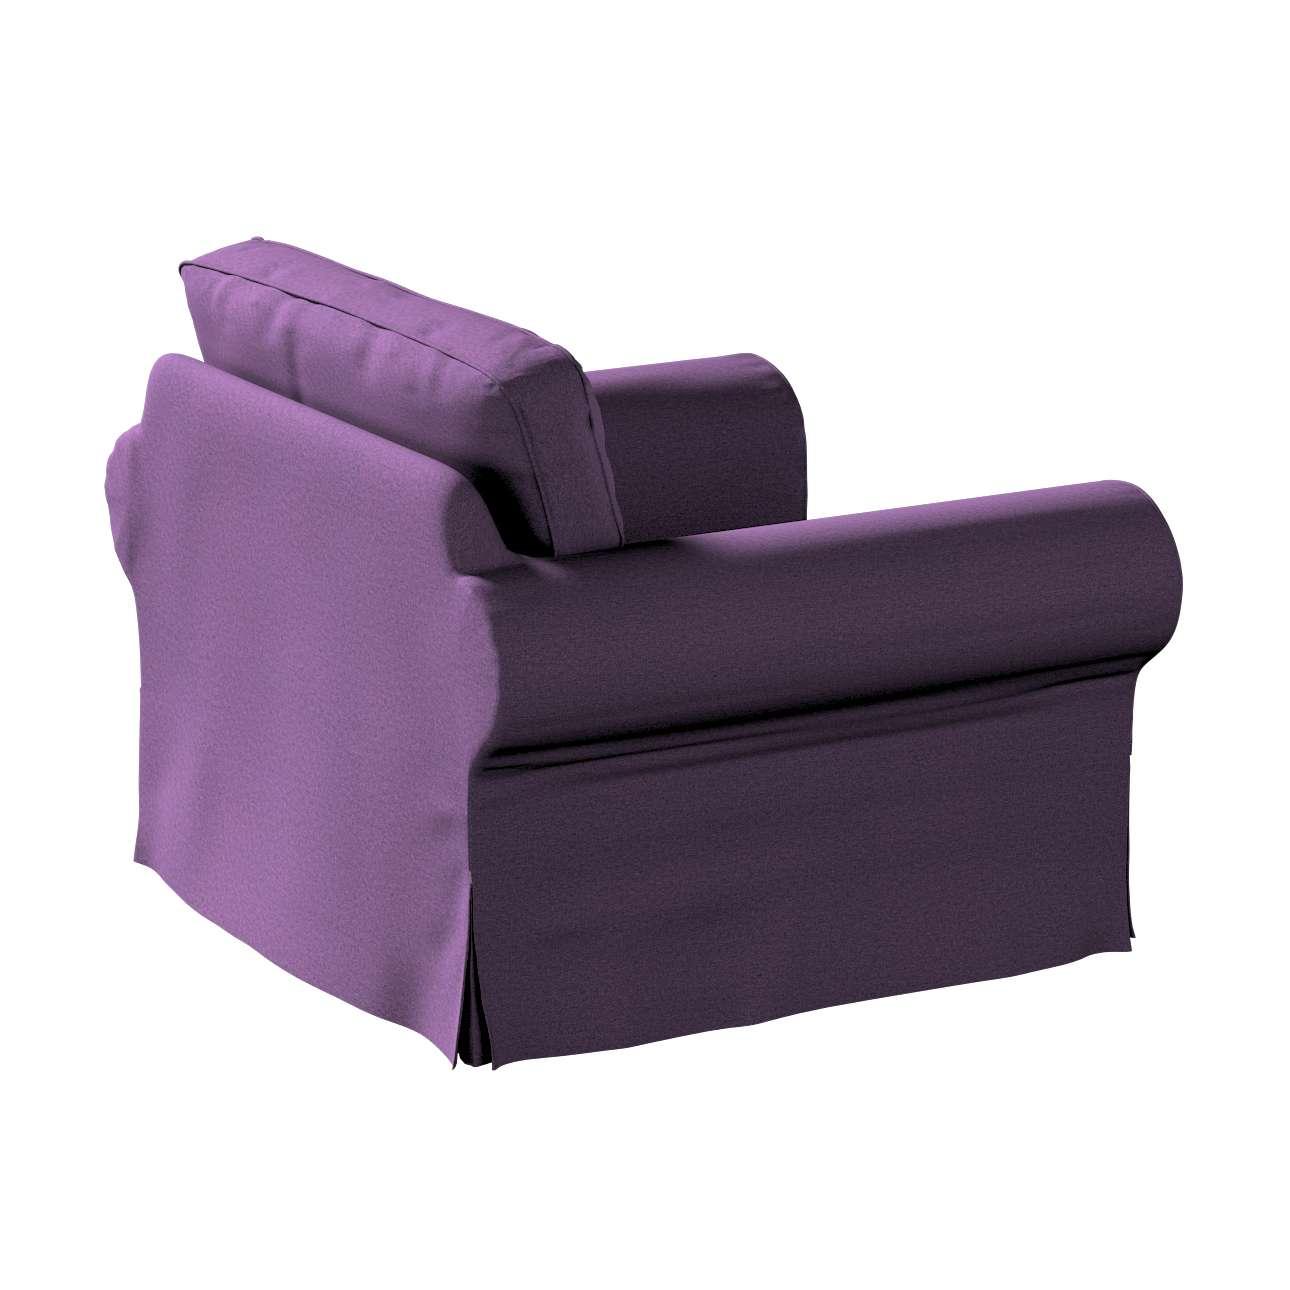 Pokrowiec na fotel Ektorp w kolekcji Etna, tkanina: 161-27